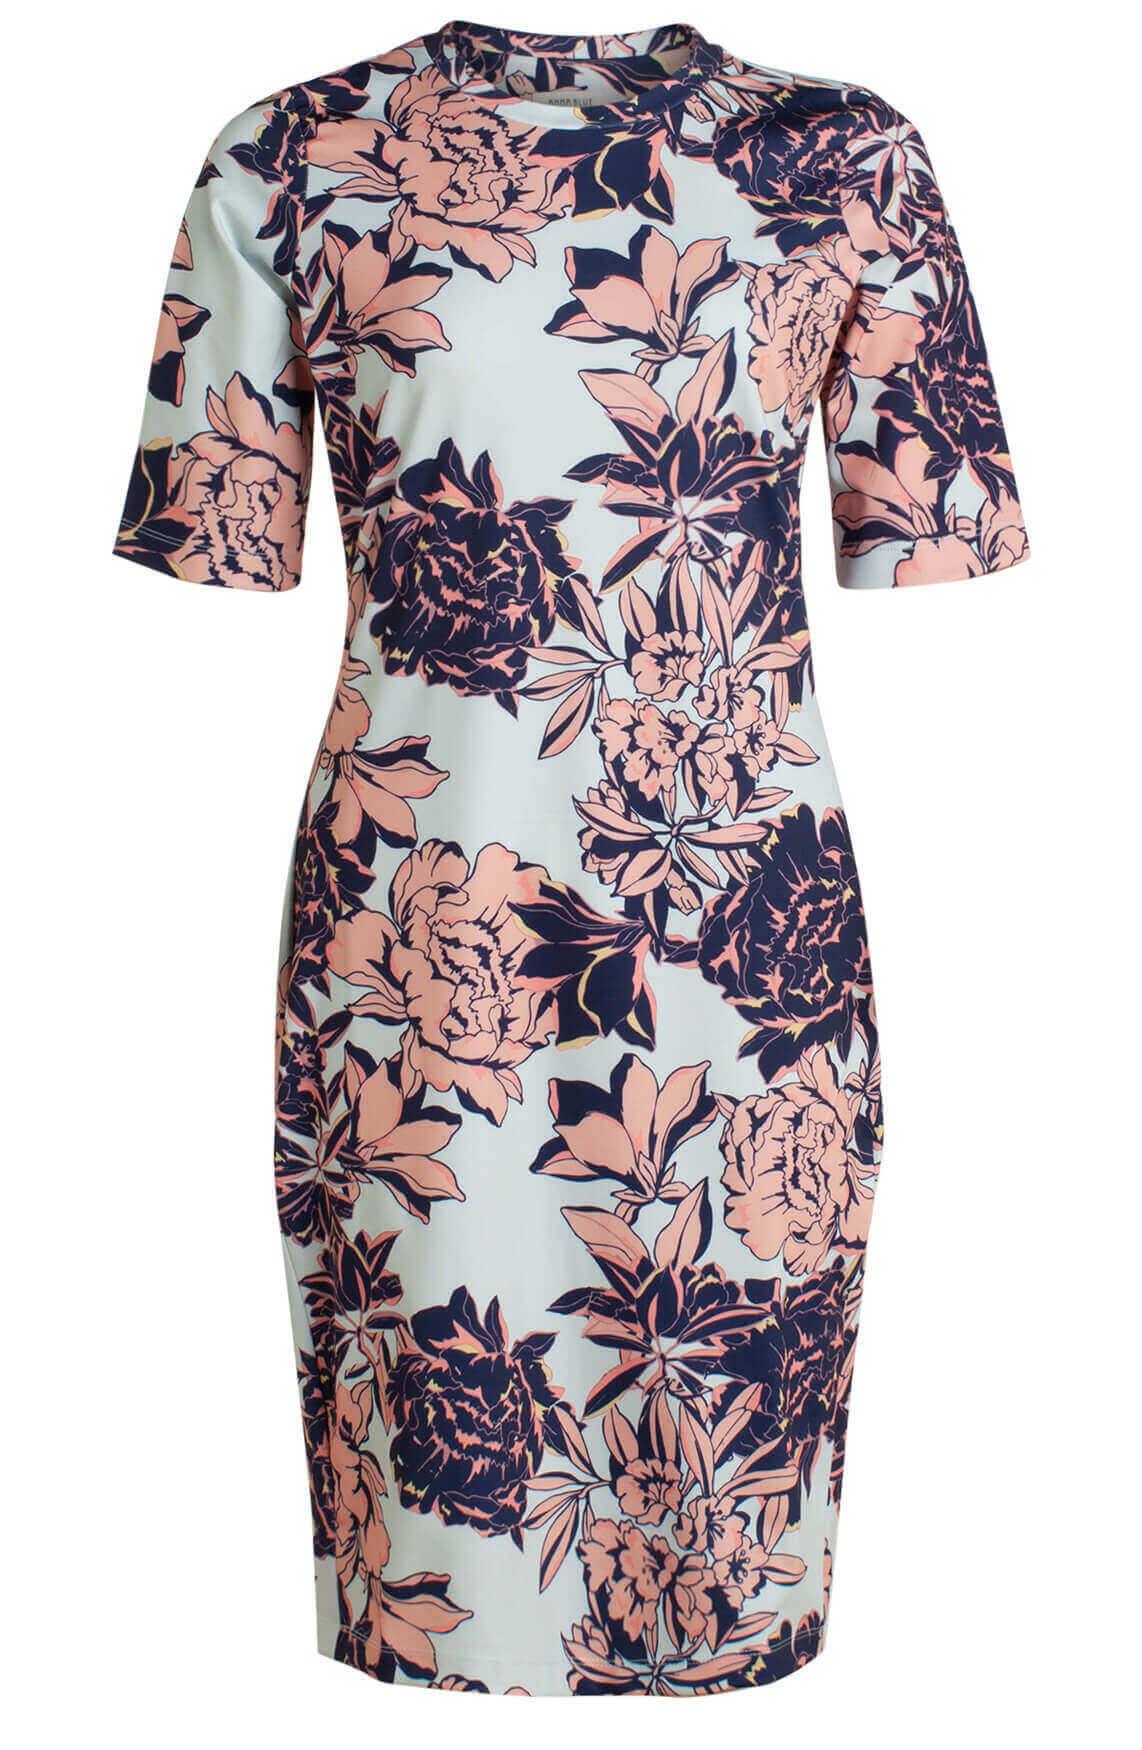 Anna Blue Dames Eurojersey jurk met floral print Blauw